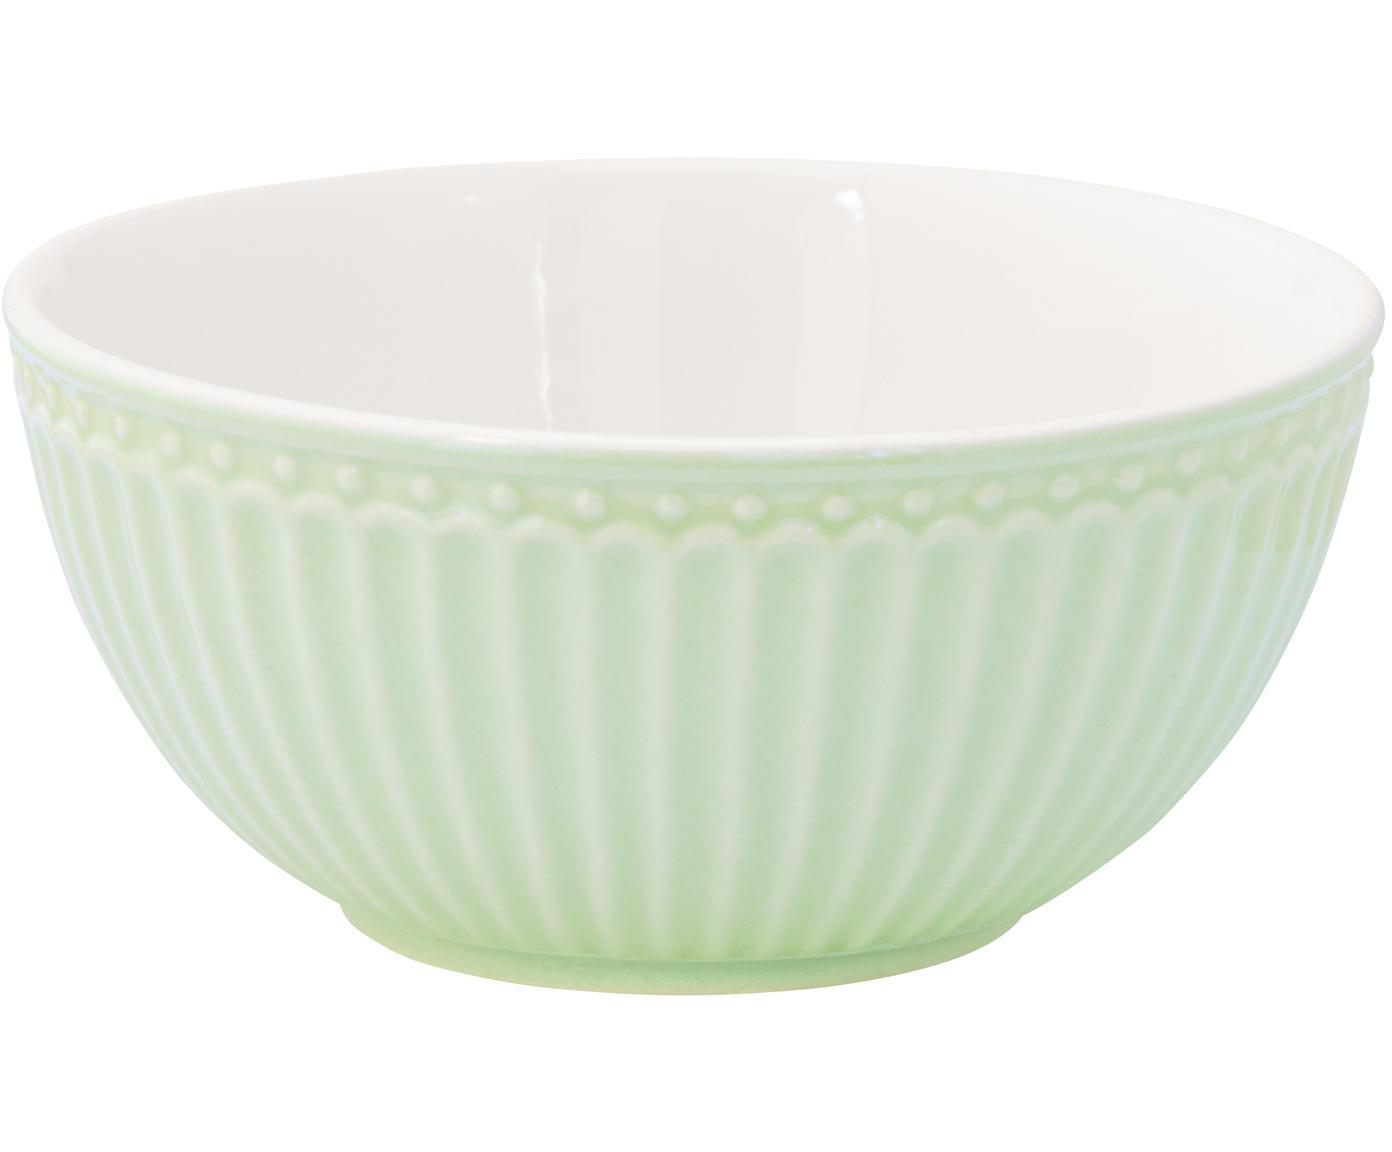 Cuencos Alice, 2uds., Porcelana, Verde menta, Ø 14 cm